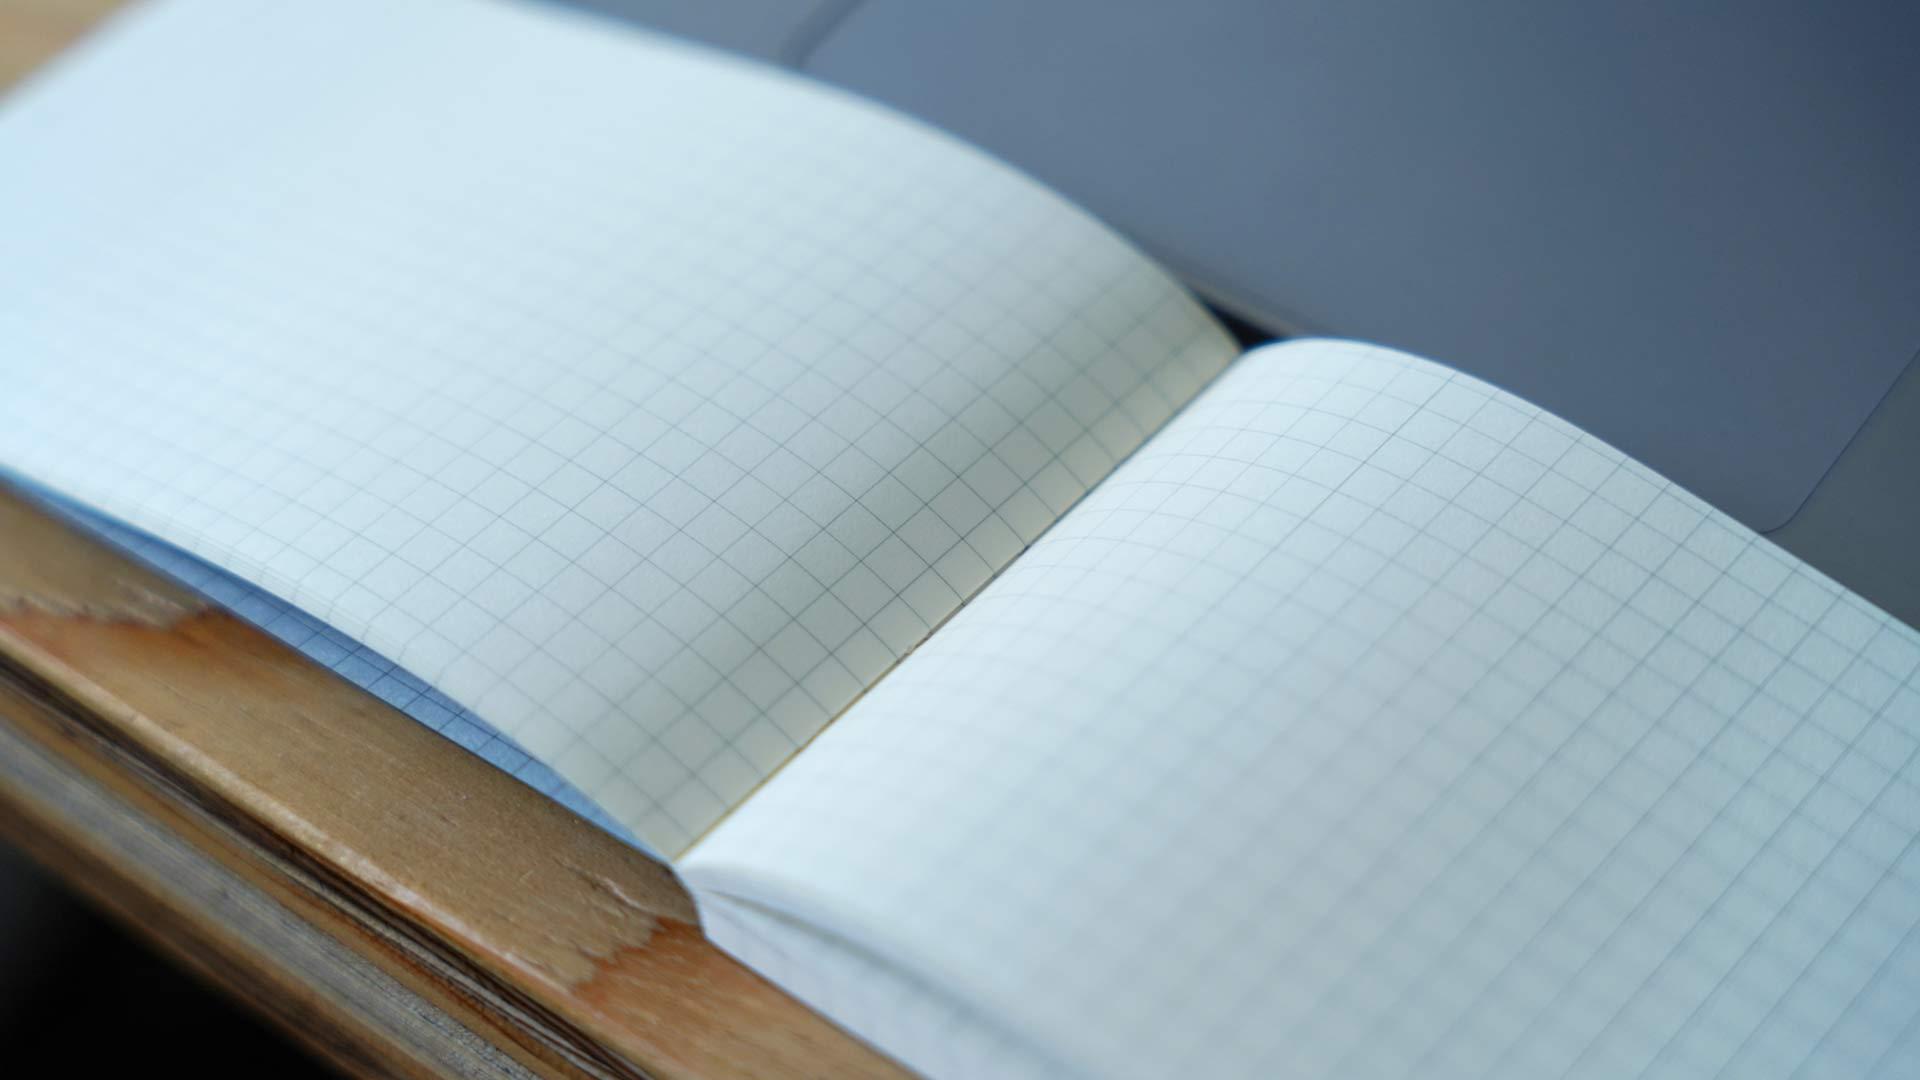 ノート,テレワーク,会議,grid,グリッド,PC用ノート,横型,方眼